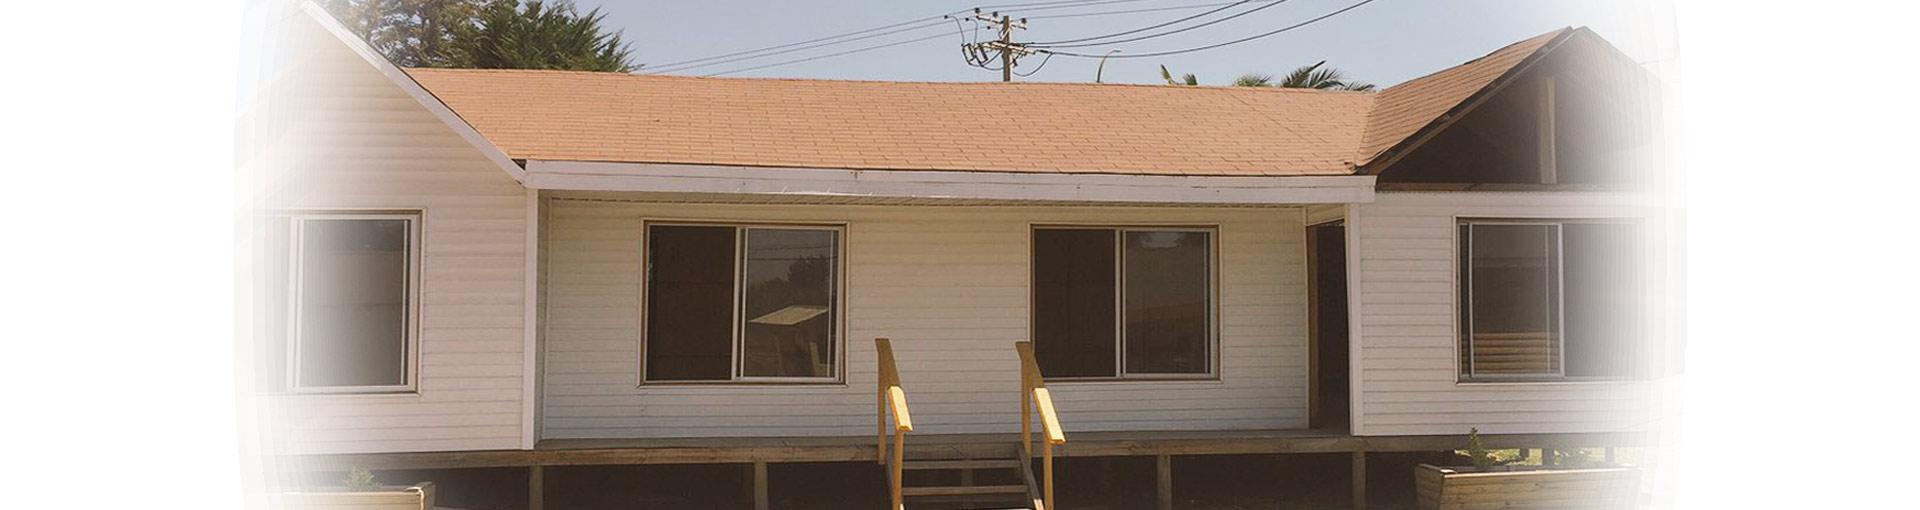 Casas prefabricadas de madera (pino) y siding (PVC)